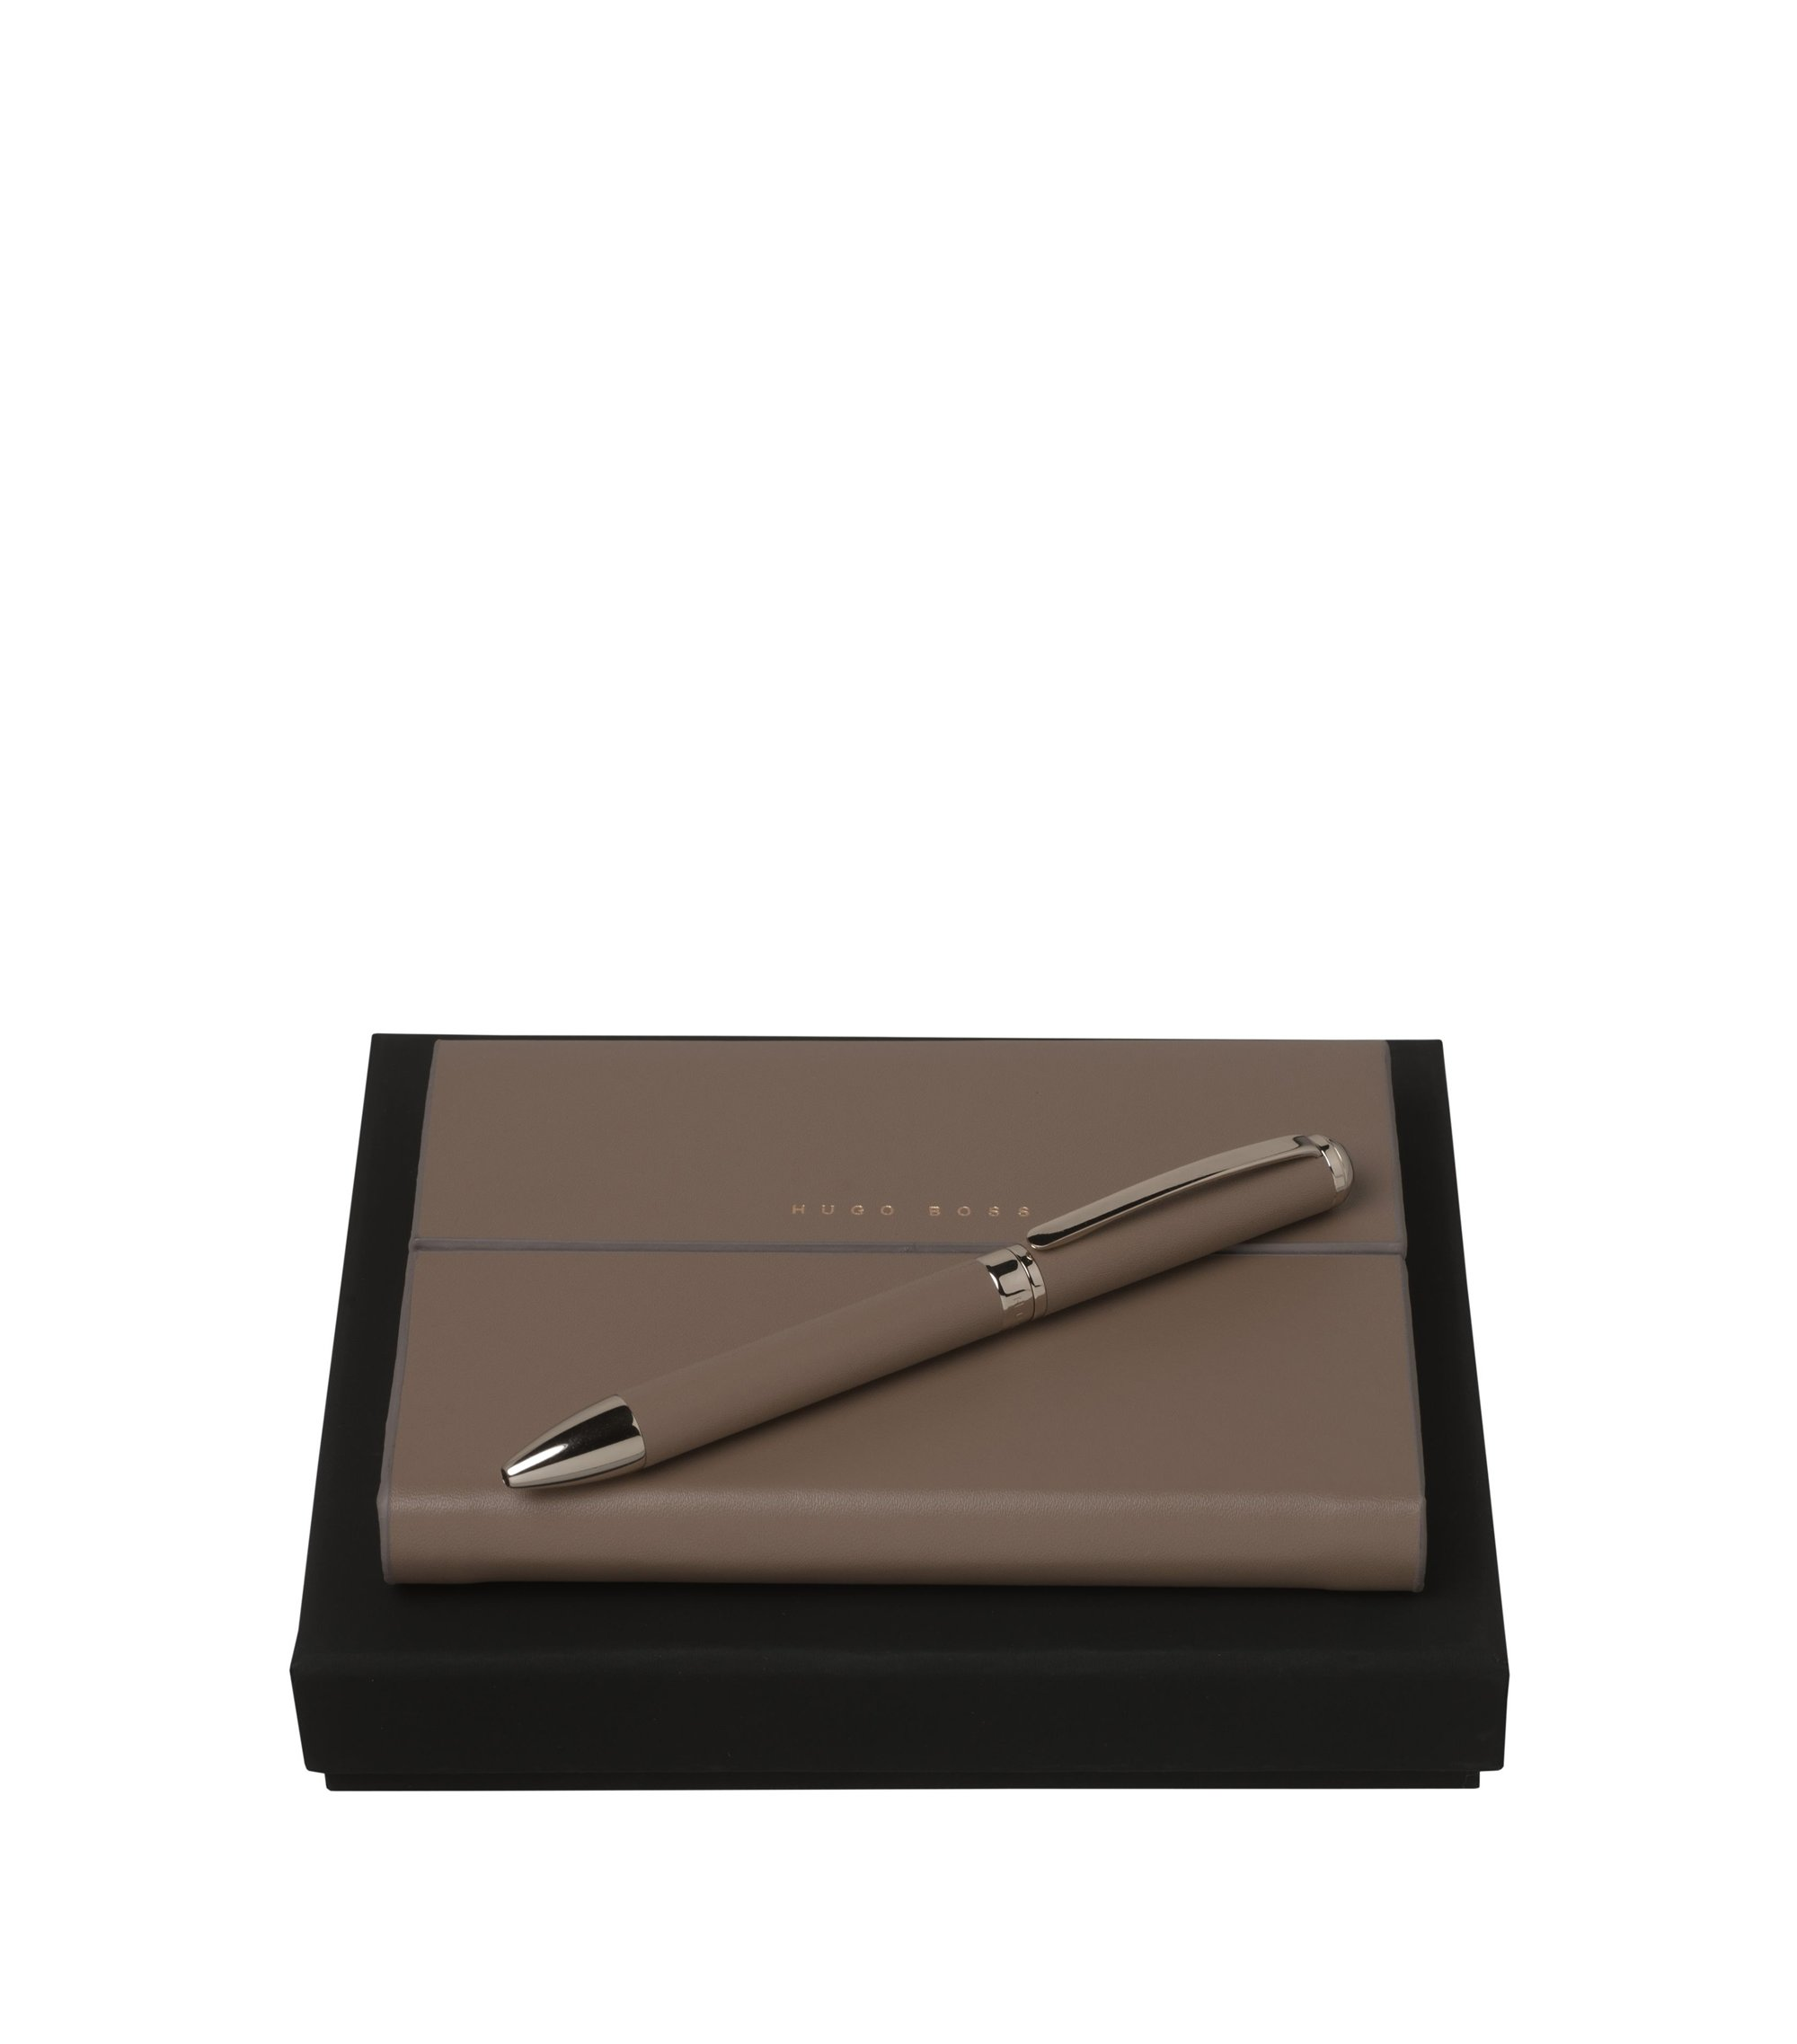 Verse Ballpoint Pen & Notebook Set | HPBM606Z, Assorted-Pre-Pack